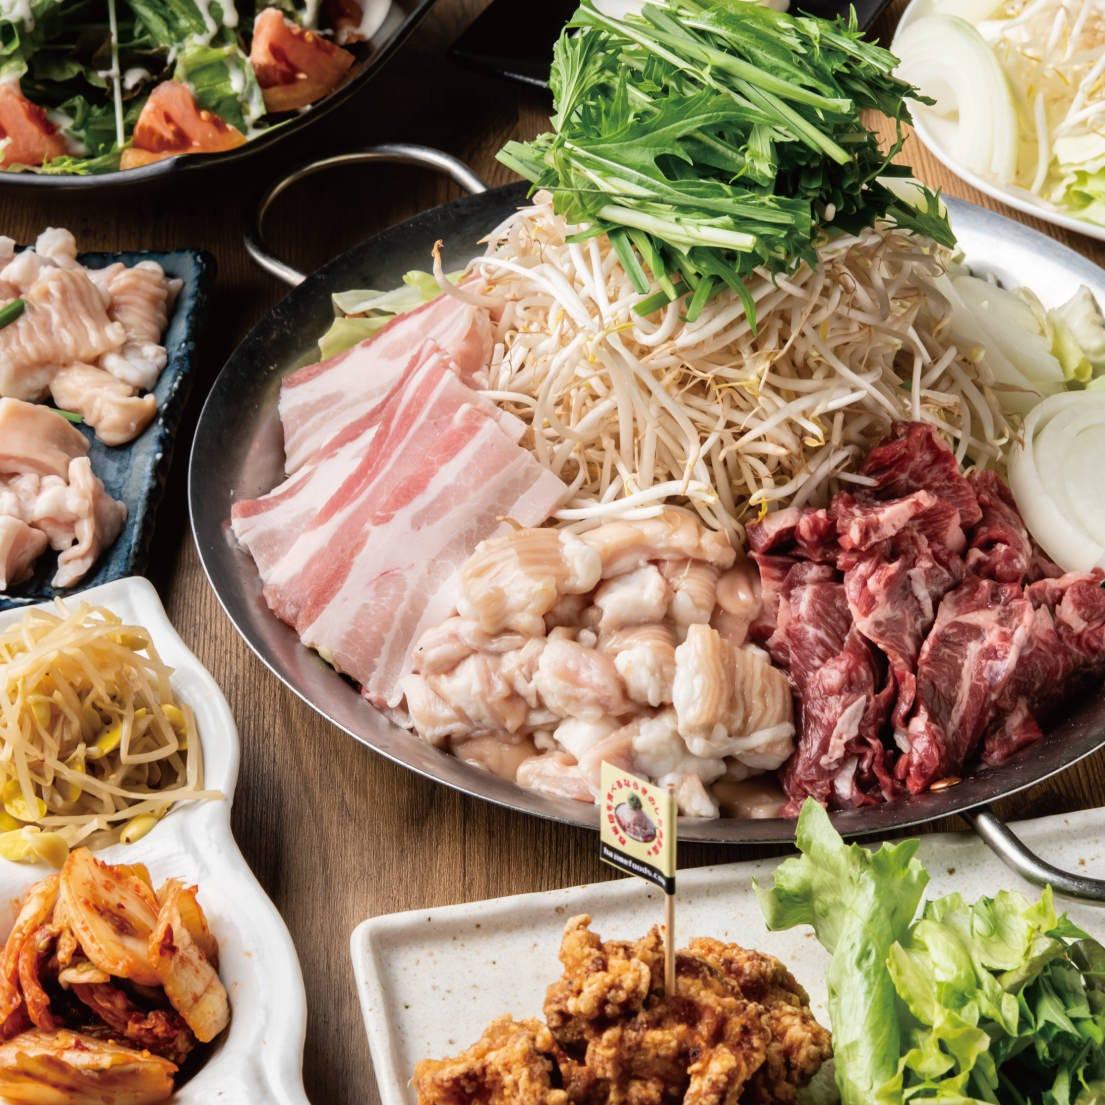 肉鍋とからあげの店 儿-jin-のコースは予約なしでもOK!